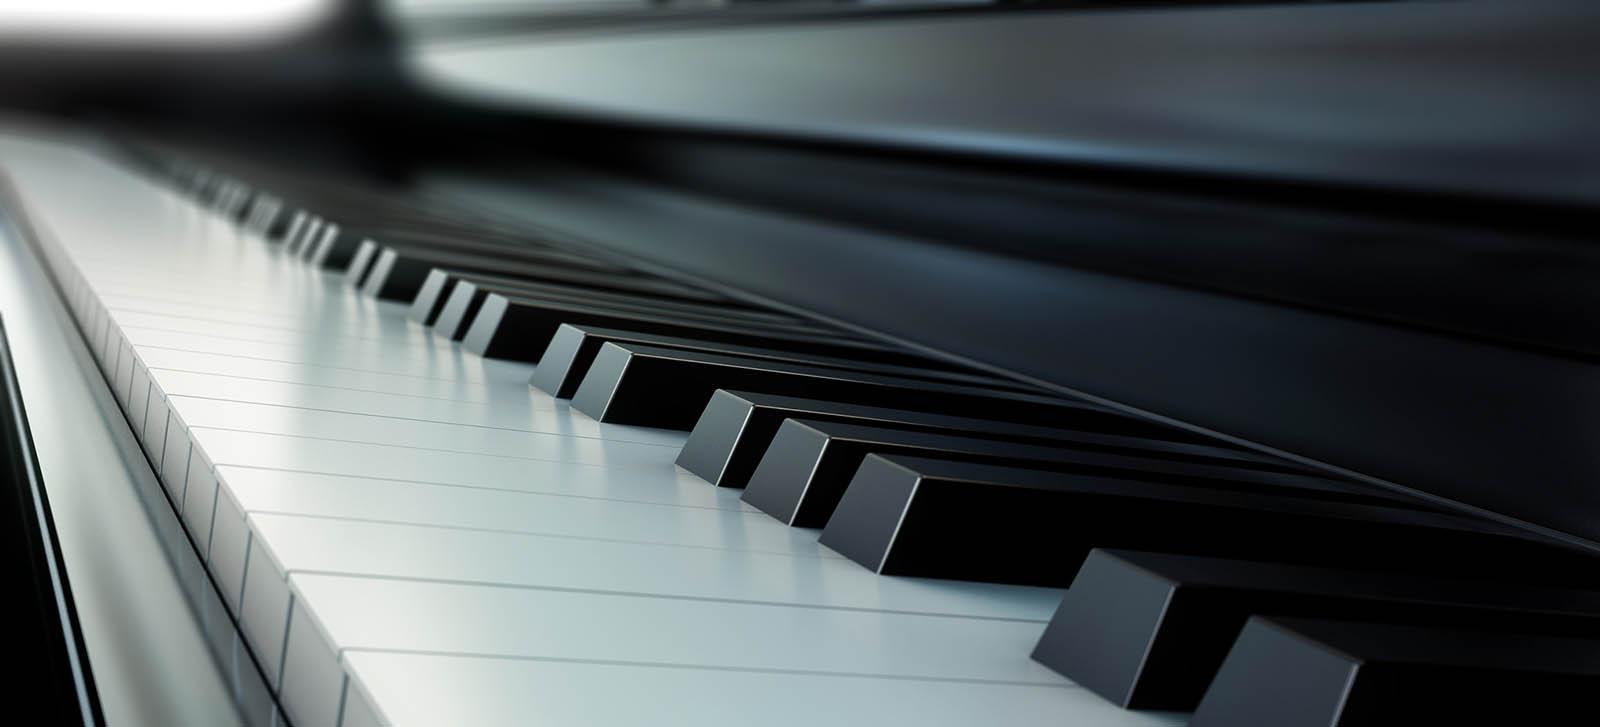 piano_fotolia